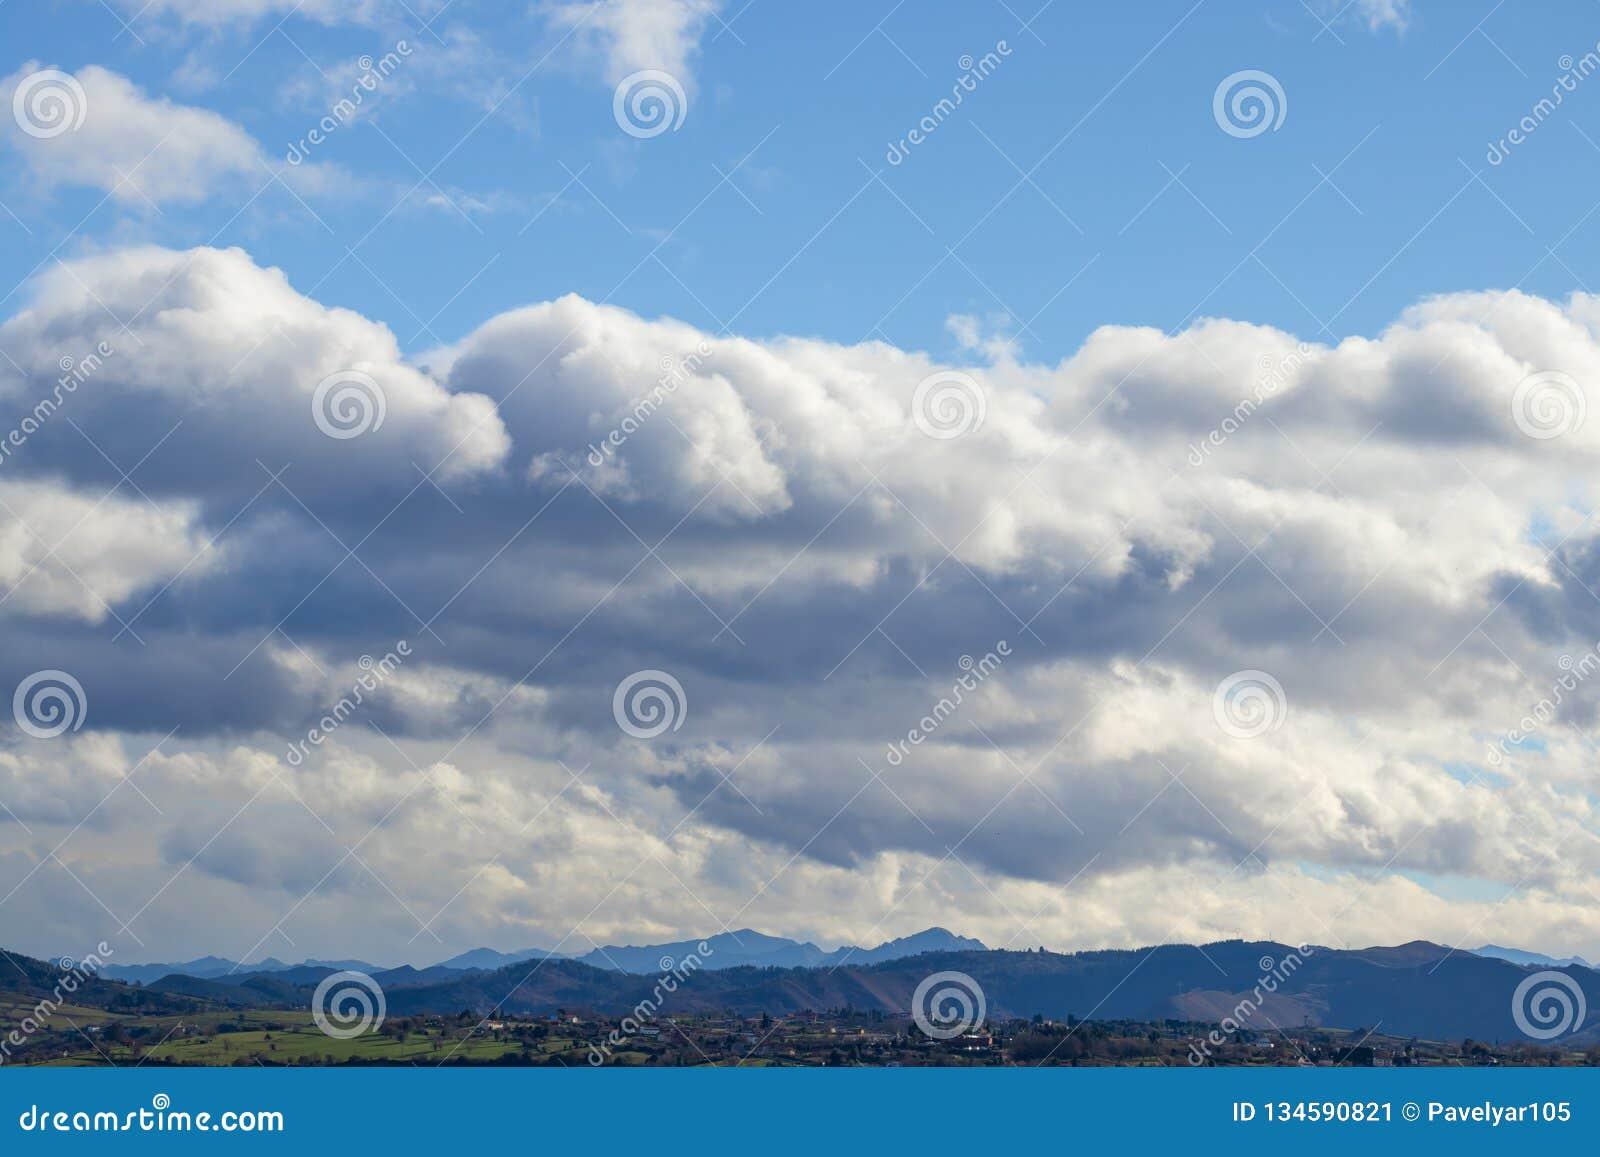 Cordillera en tiempo claro en nubes de lluvia que ponen en contraste antes de la lluvia